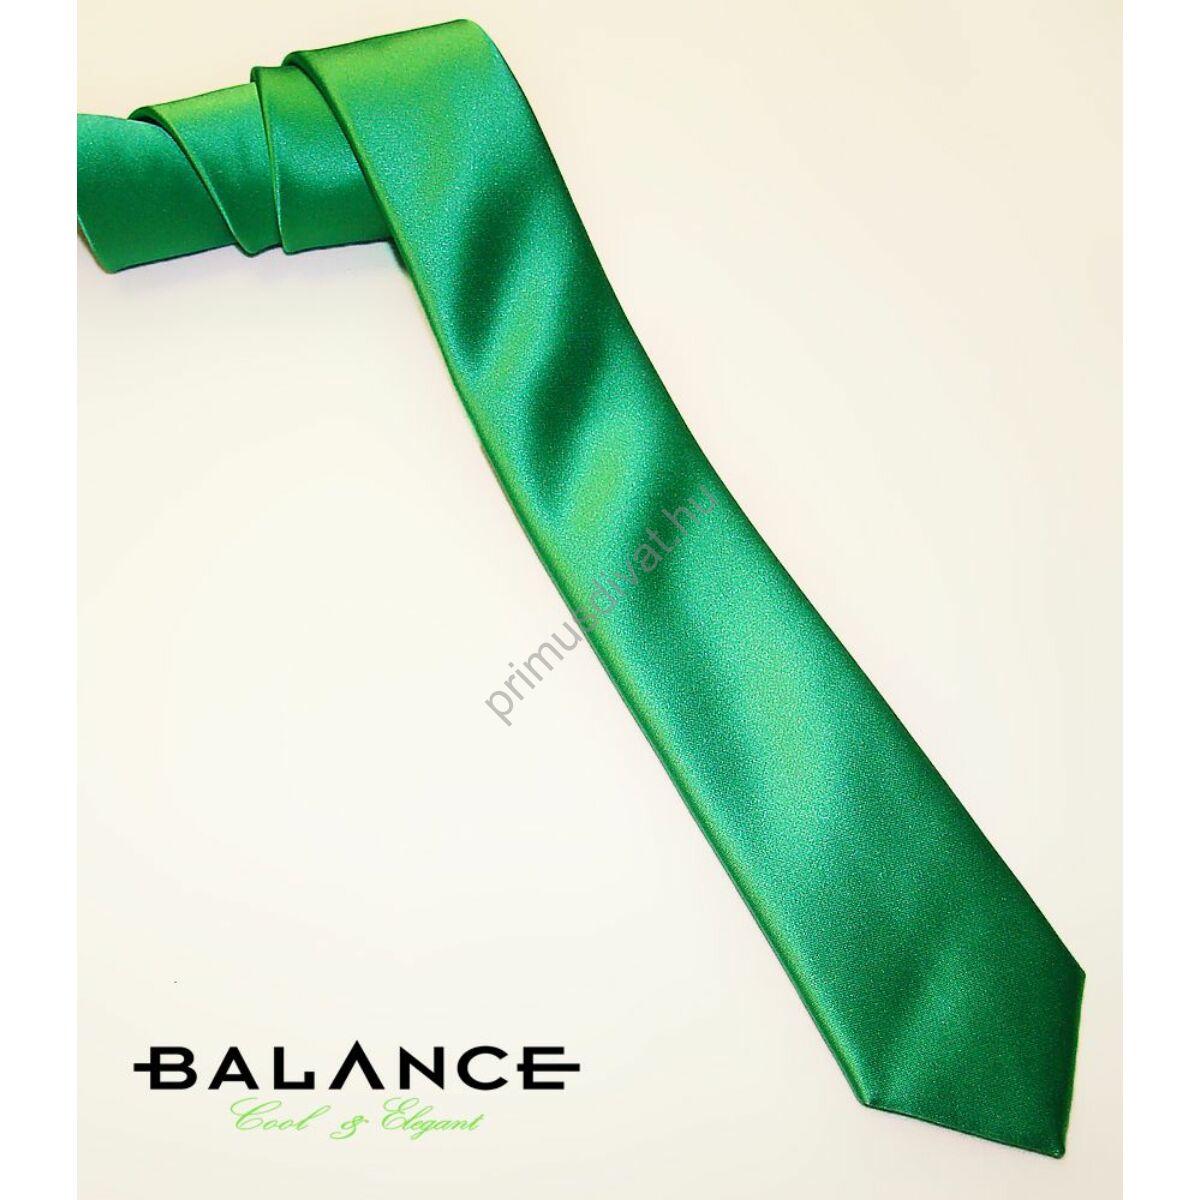 Balance keskeny selyem nyakkendő, fűzöld